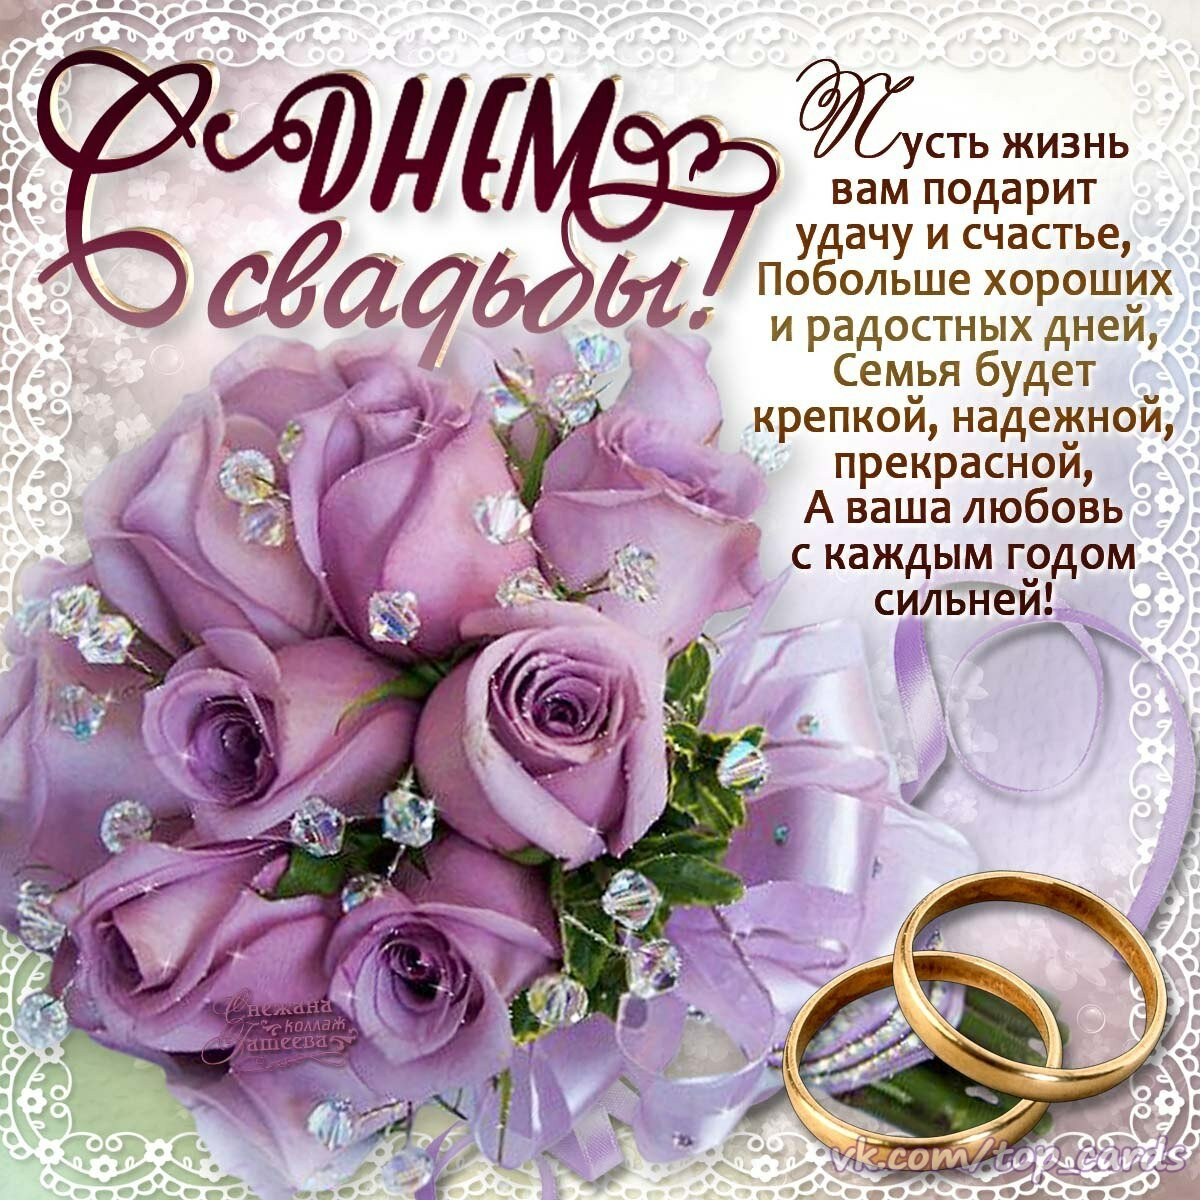 Прикольные, стихи и открытки на юбилей свадьбы